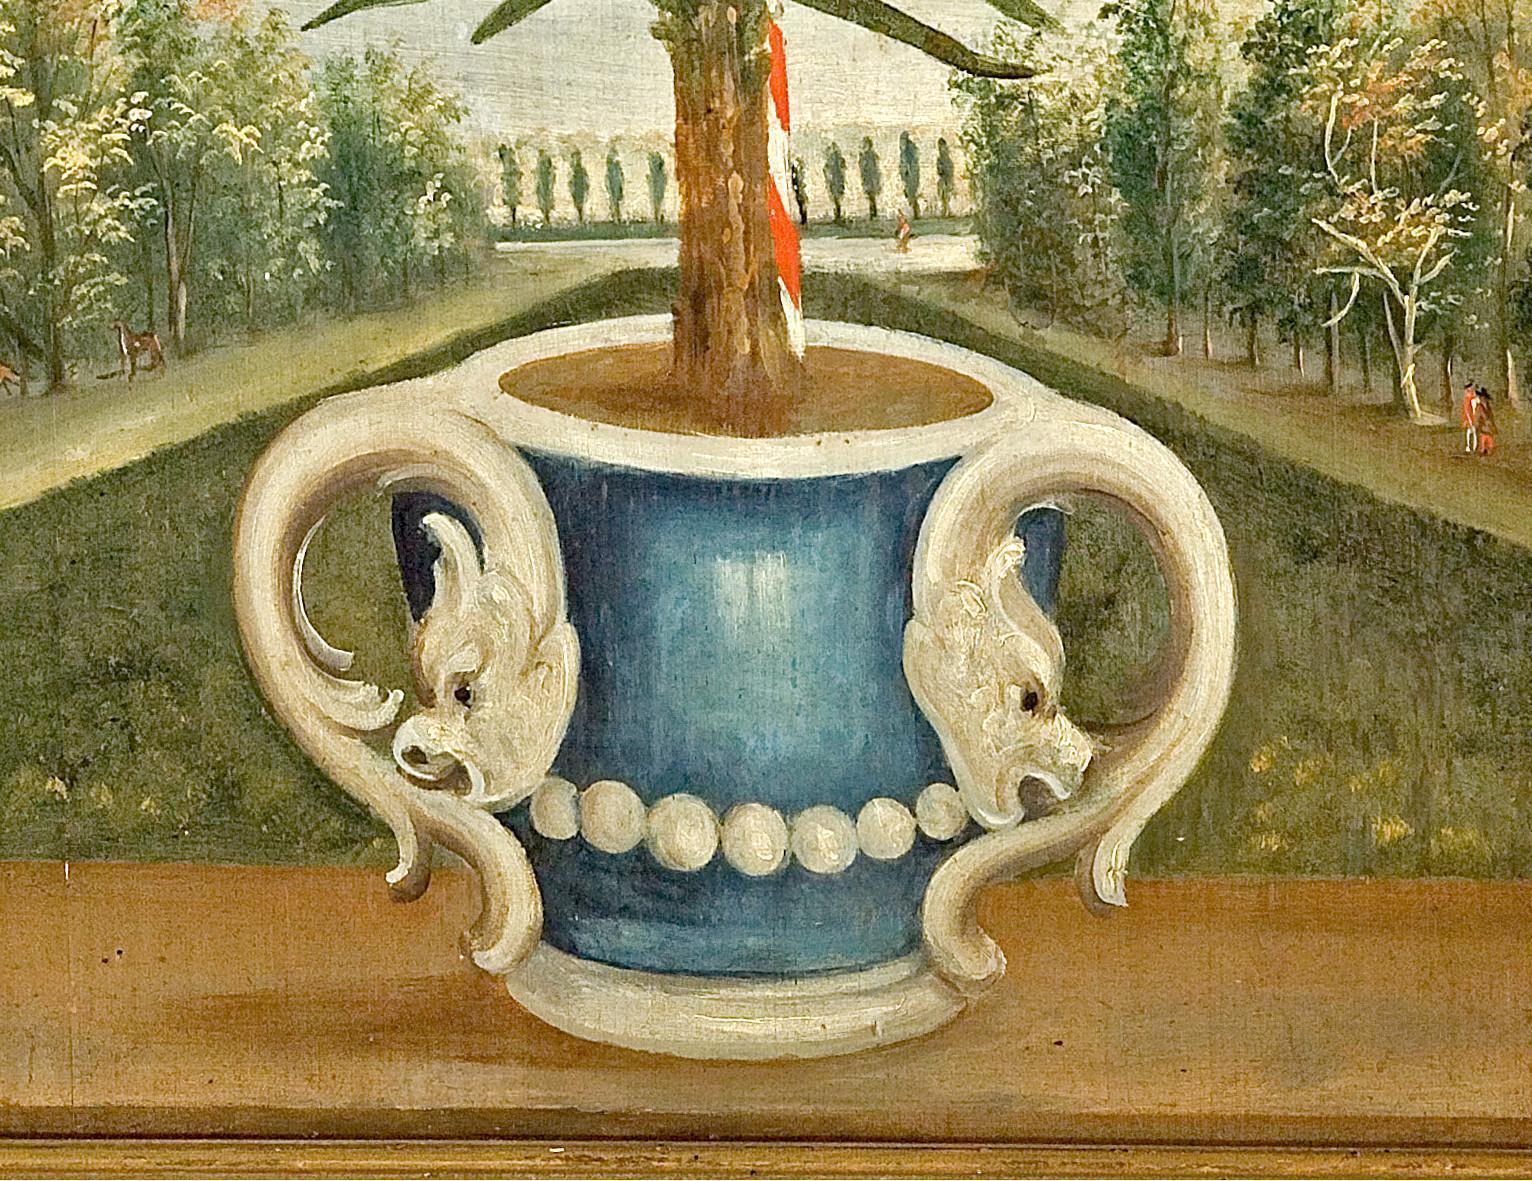 Pflanzenkübel, Lambrisbild im Rittersaal von Schloss Weikersheim; Foto: Staatliche Schlösser und Gärten Baden-Württemberg, Arnim Weischer